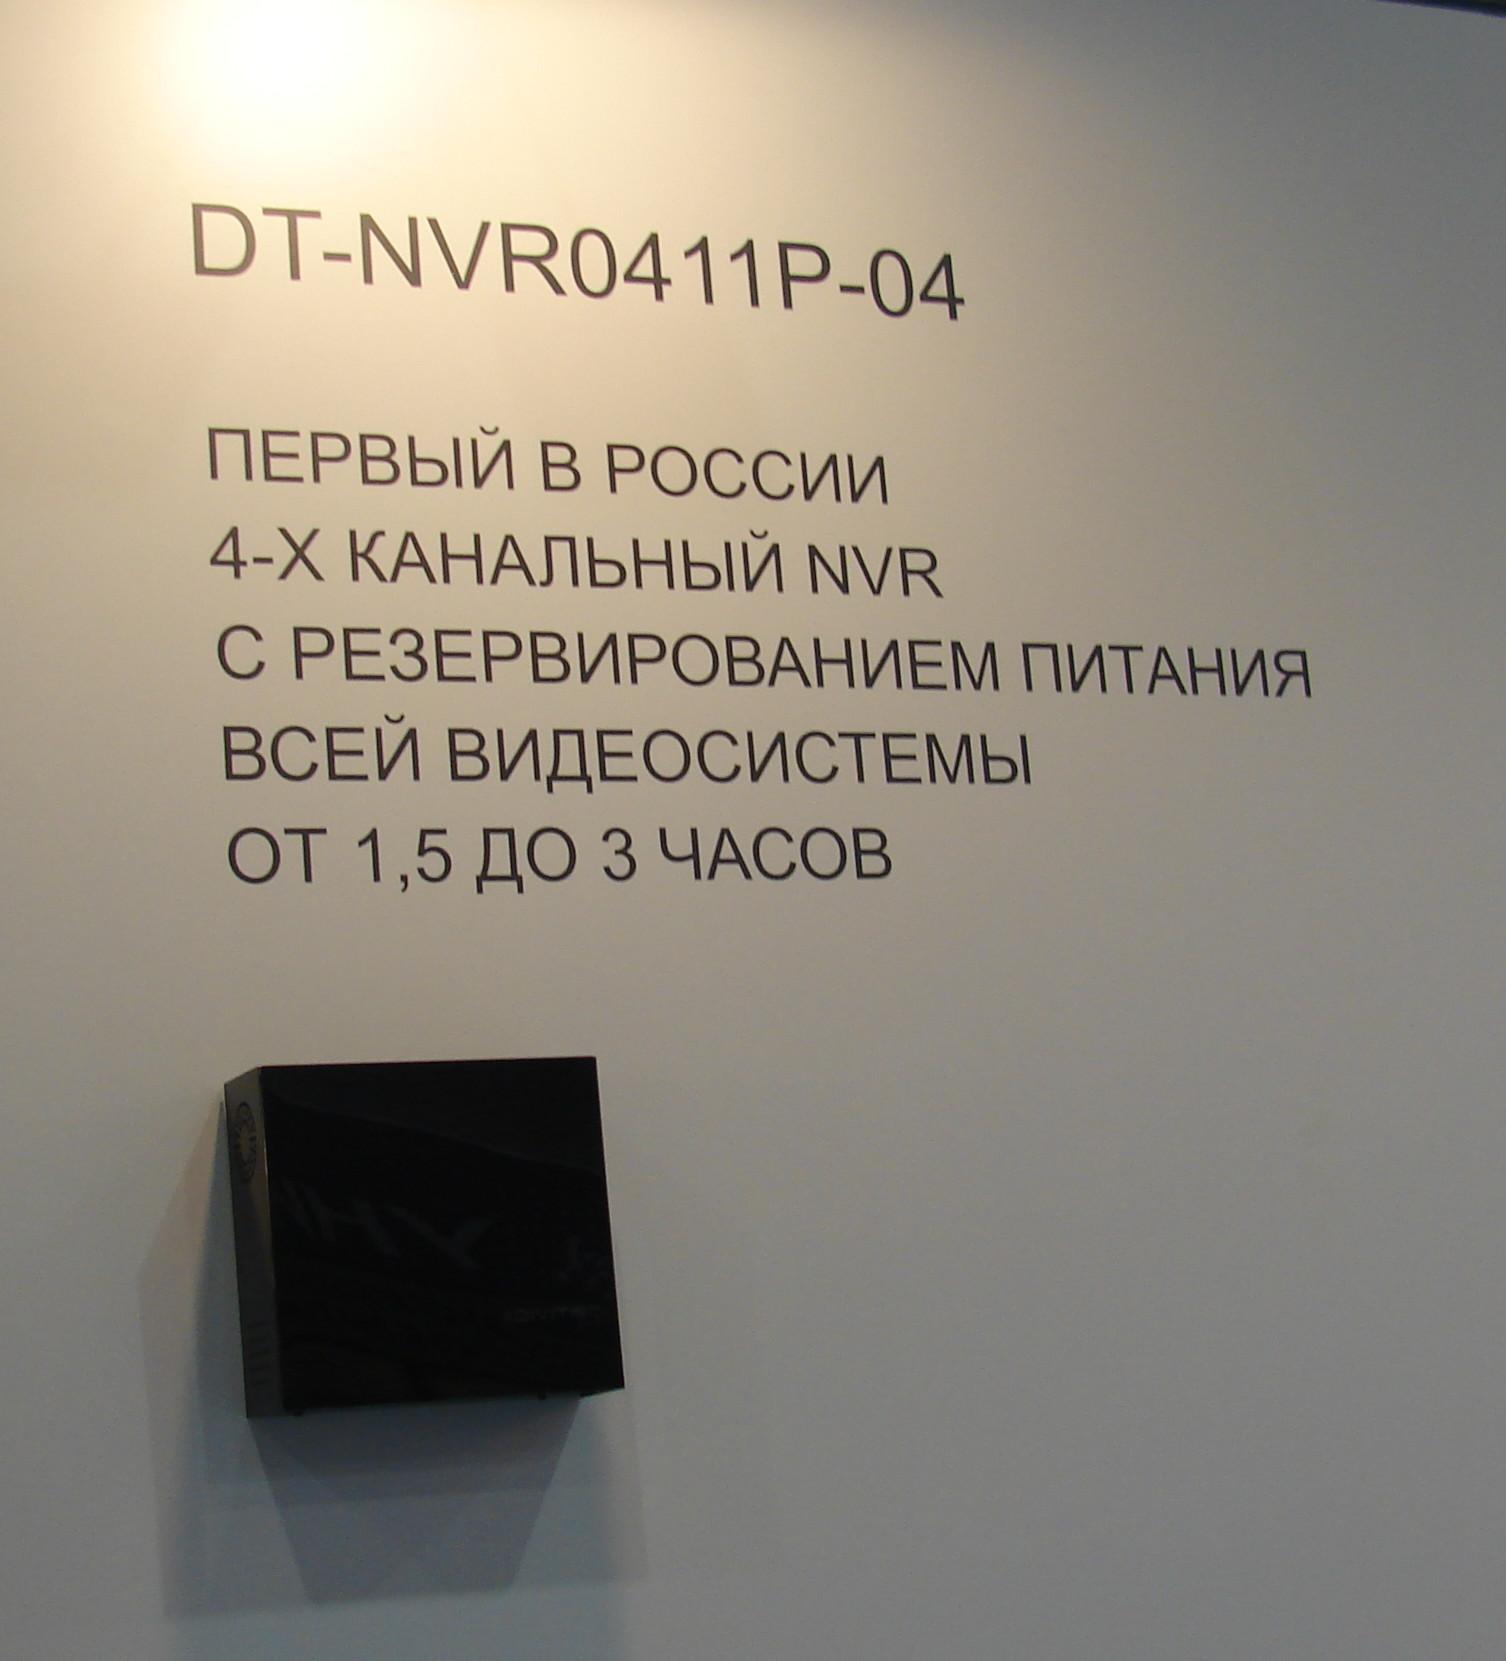 DSC00104